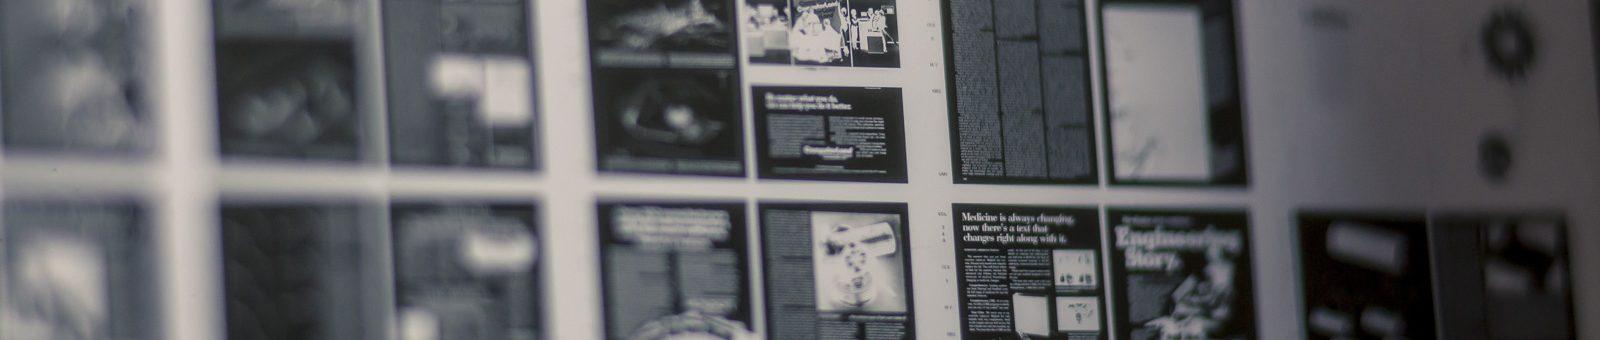 microfiche film